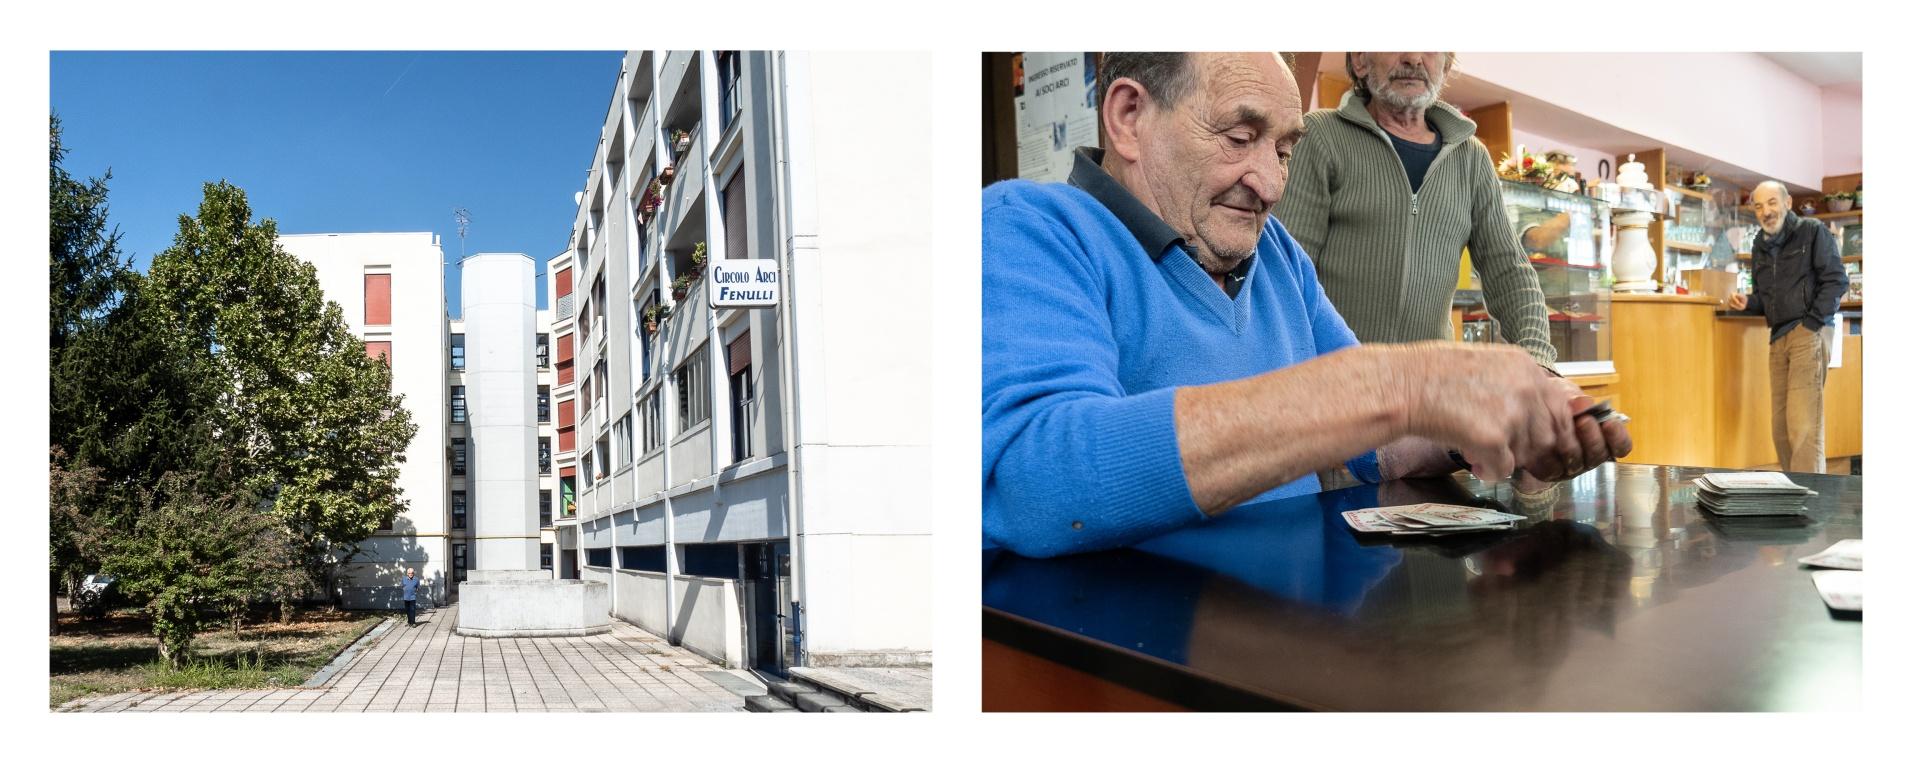 Gente di Via Fenulli. People of Via Fenulli., Situato nel quadrante sud-ovest della città di Reggio Emilia, in zona periferica, il quartiere Compagnoni Fenulli viene costruito tra il 1955 e il 1963, come intervento del Piano